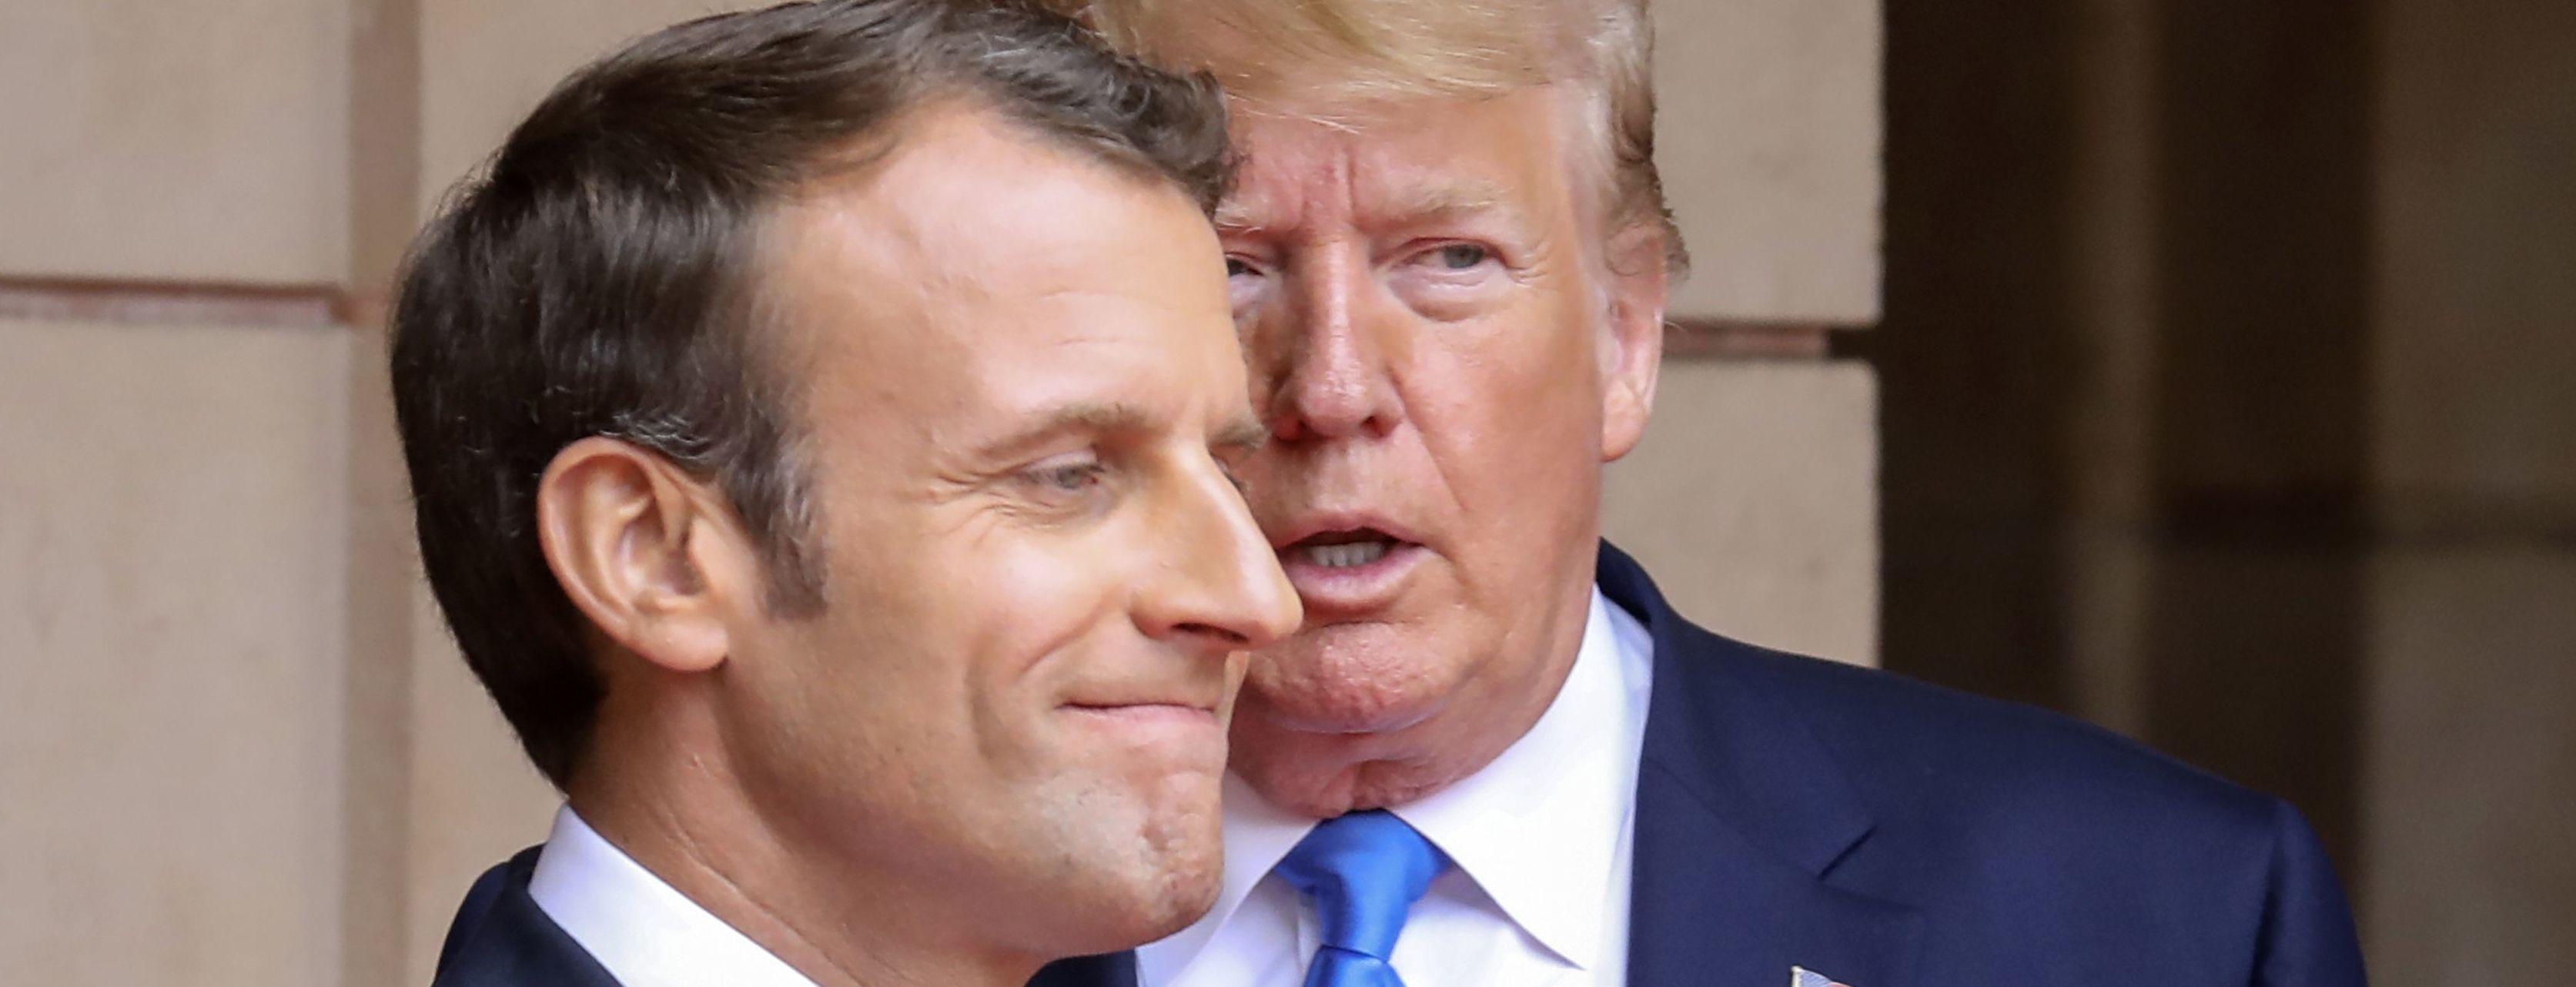 Трамп и Макрон договорились о возвращении РФ в G7 – CNN